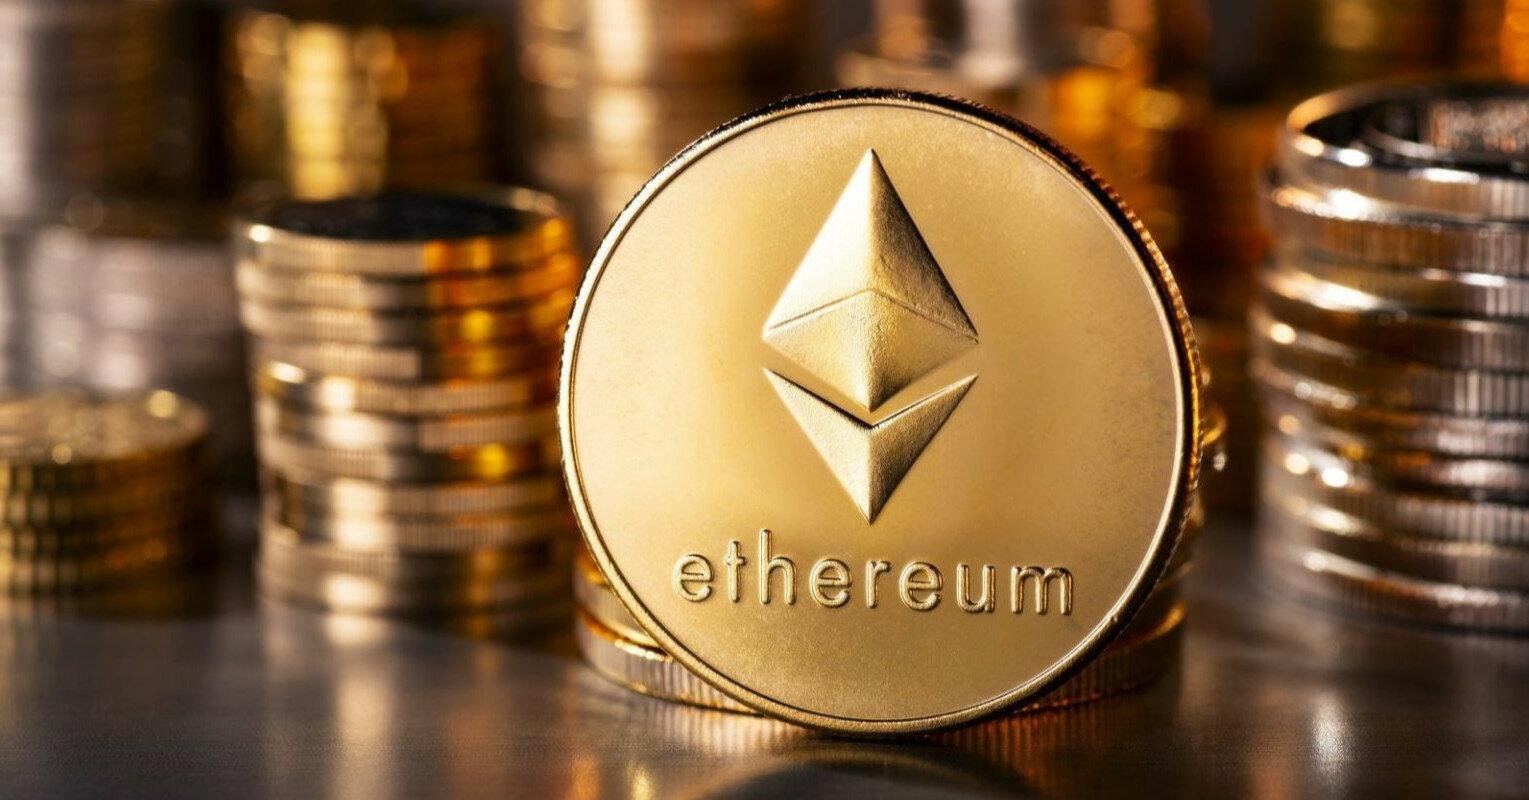 Хардфорк взвинтил курс Ethereum: как изменится криптовалюта